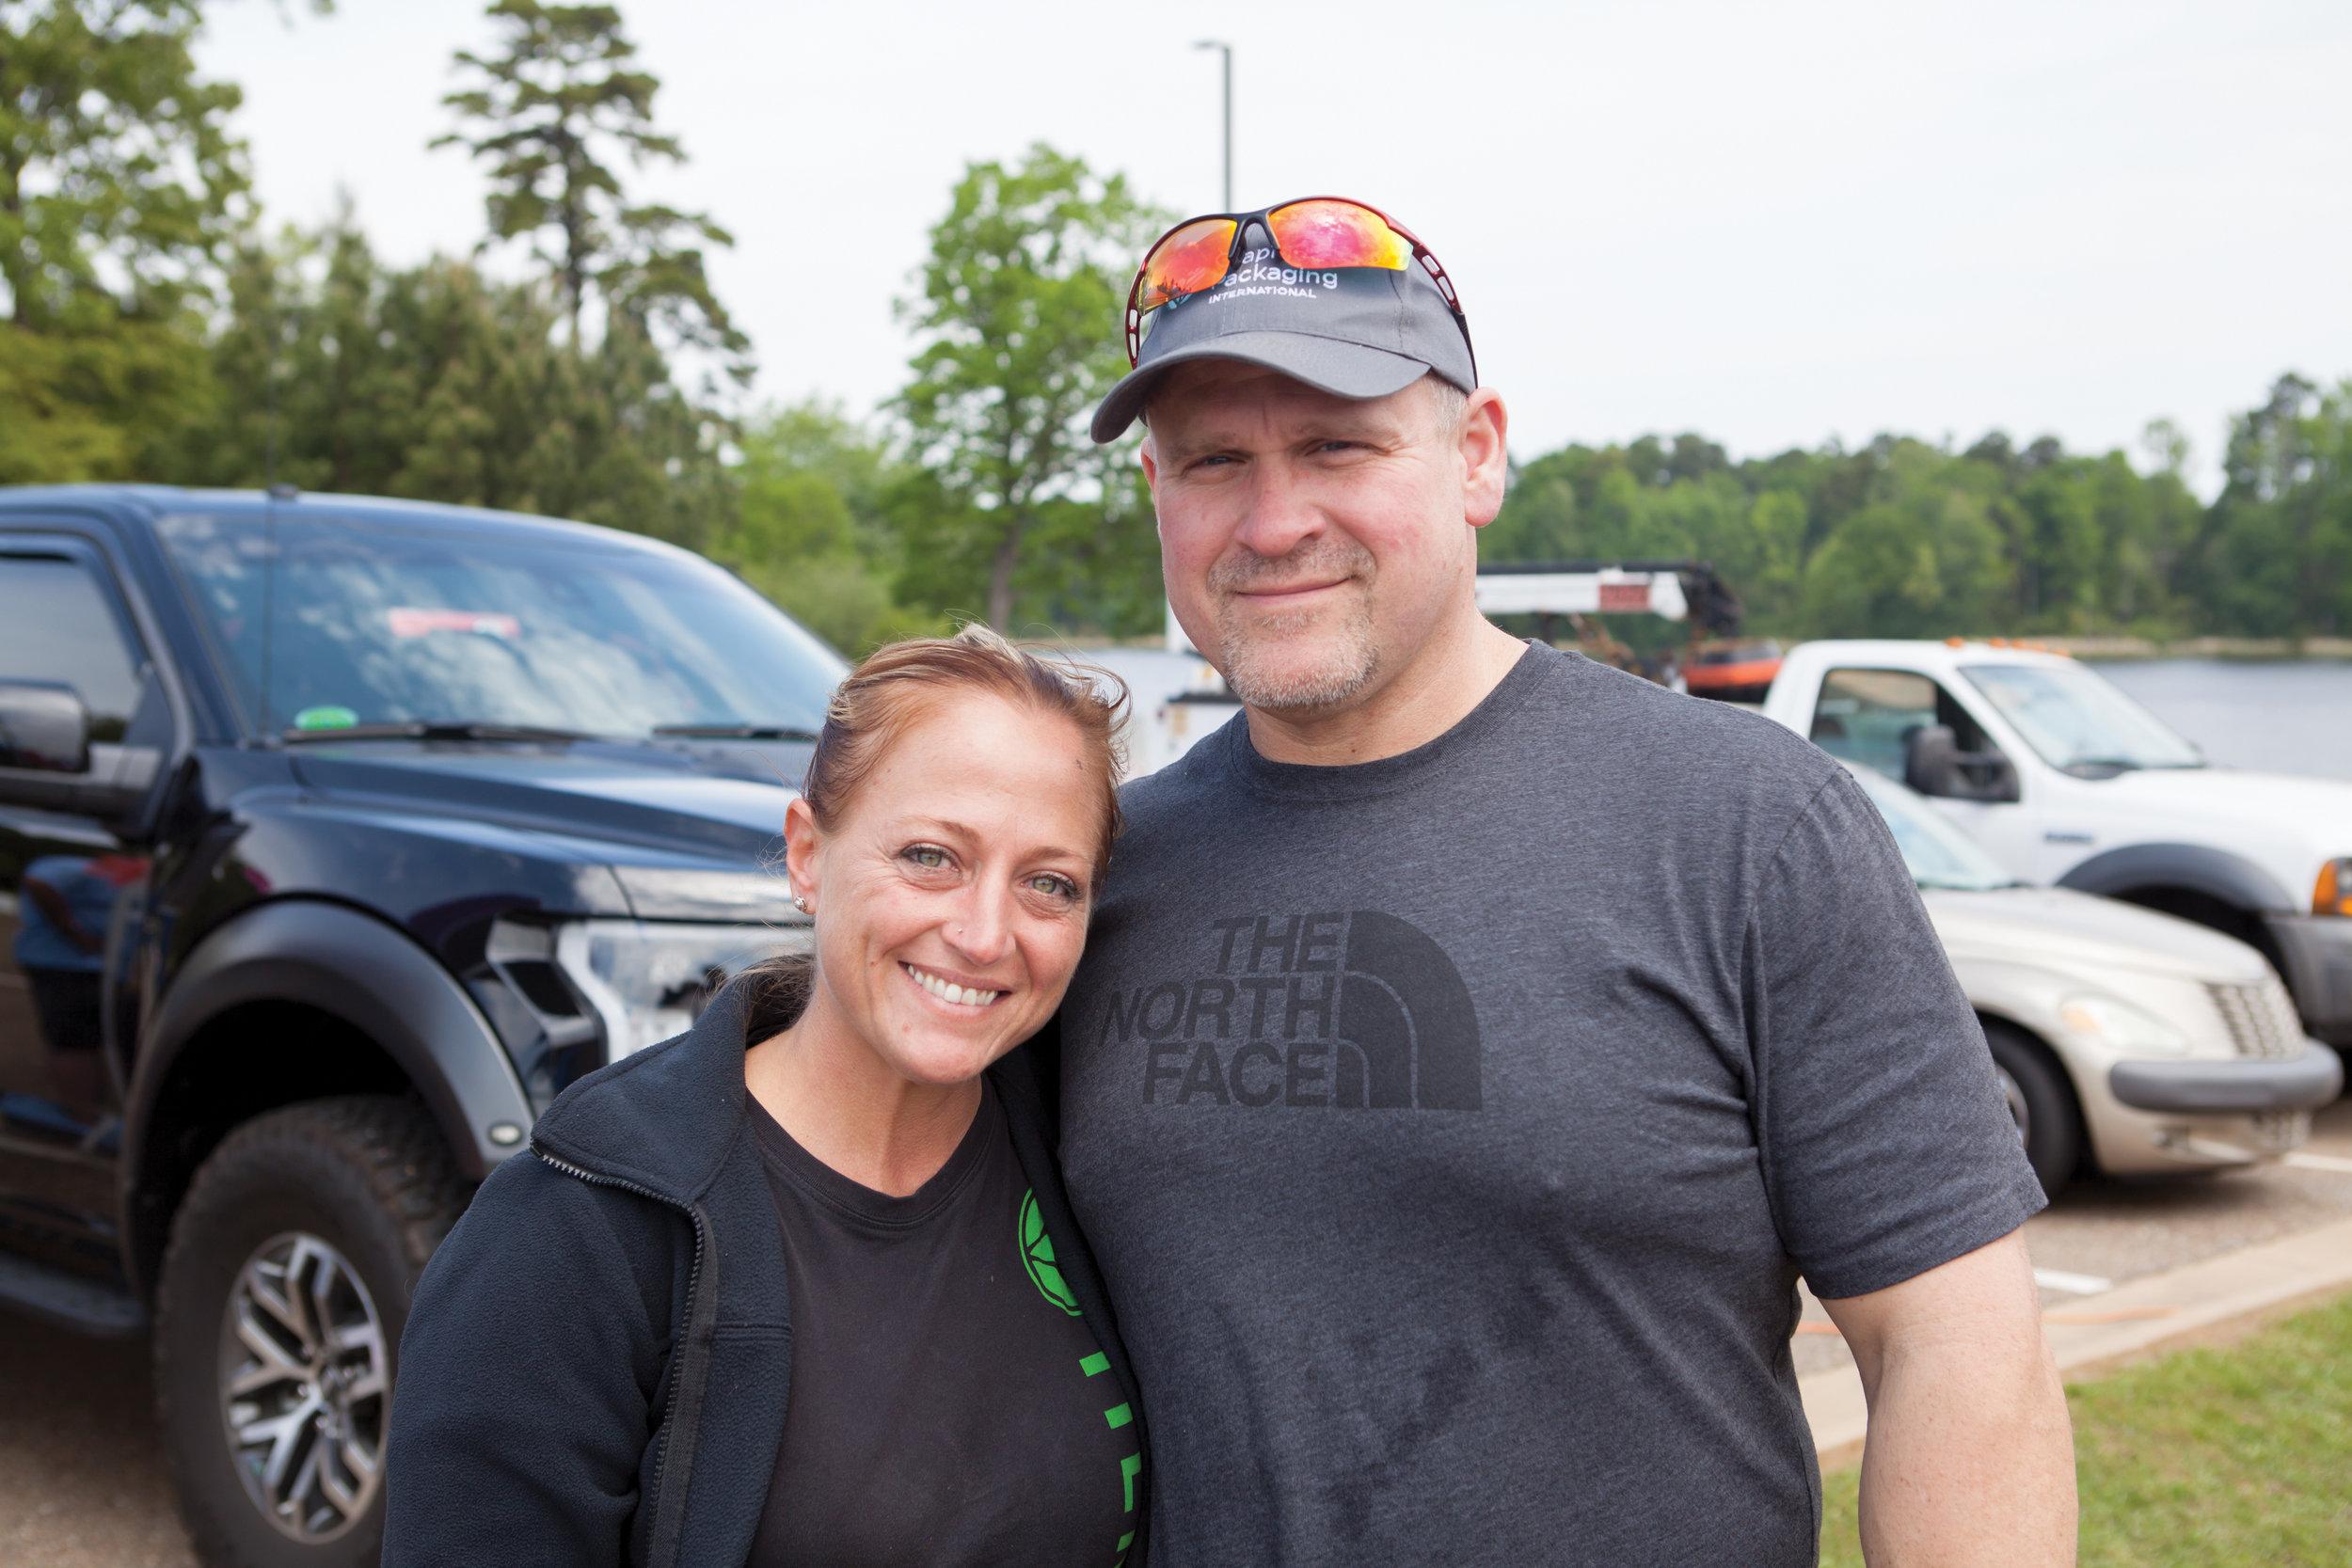 Terri Dean and Daryl Carver